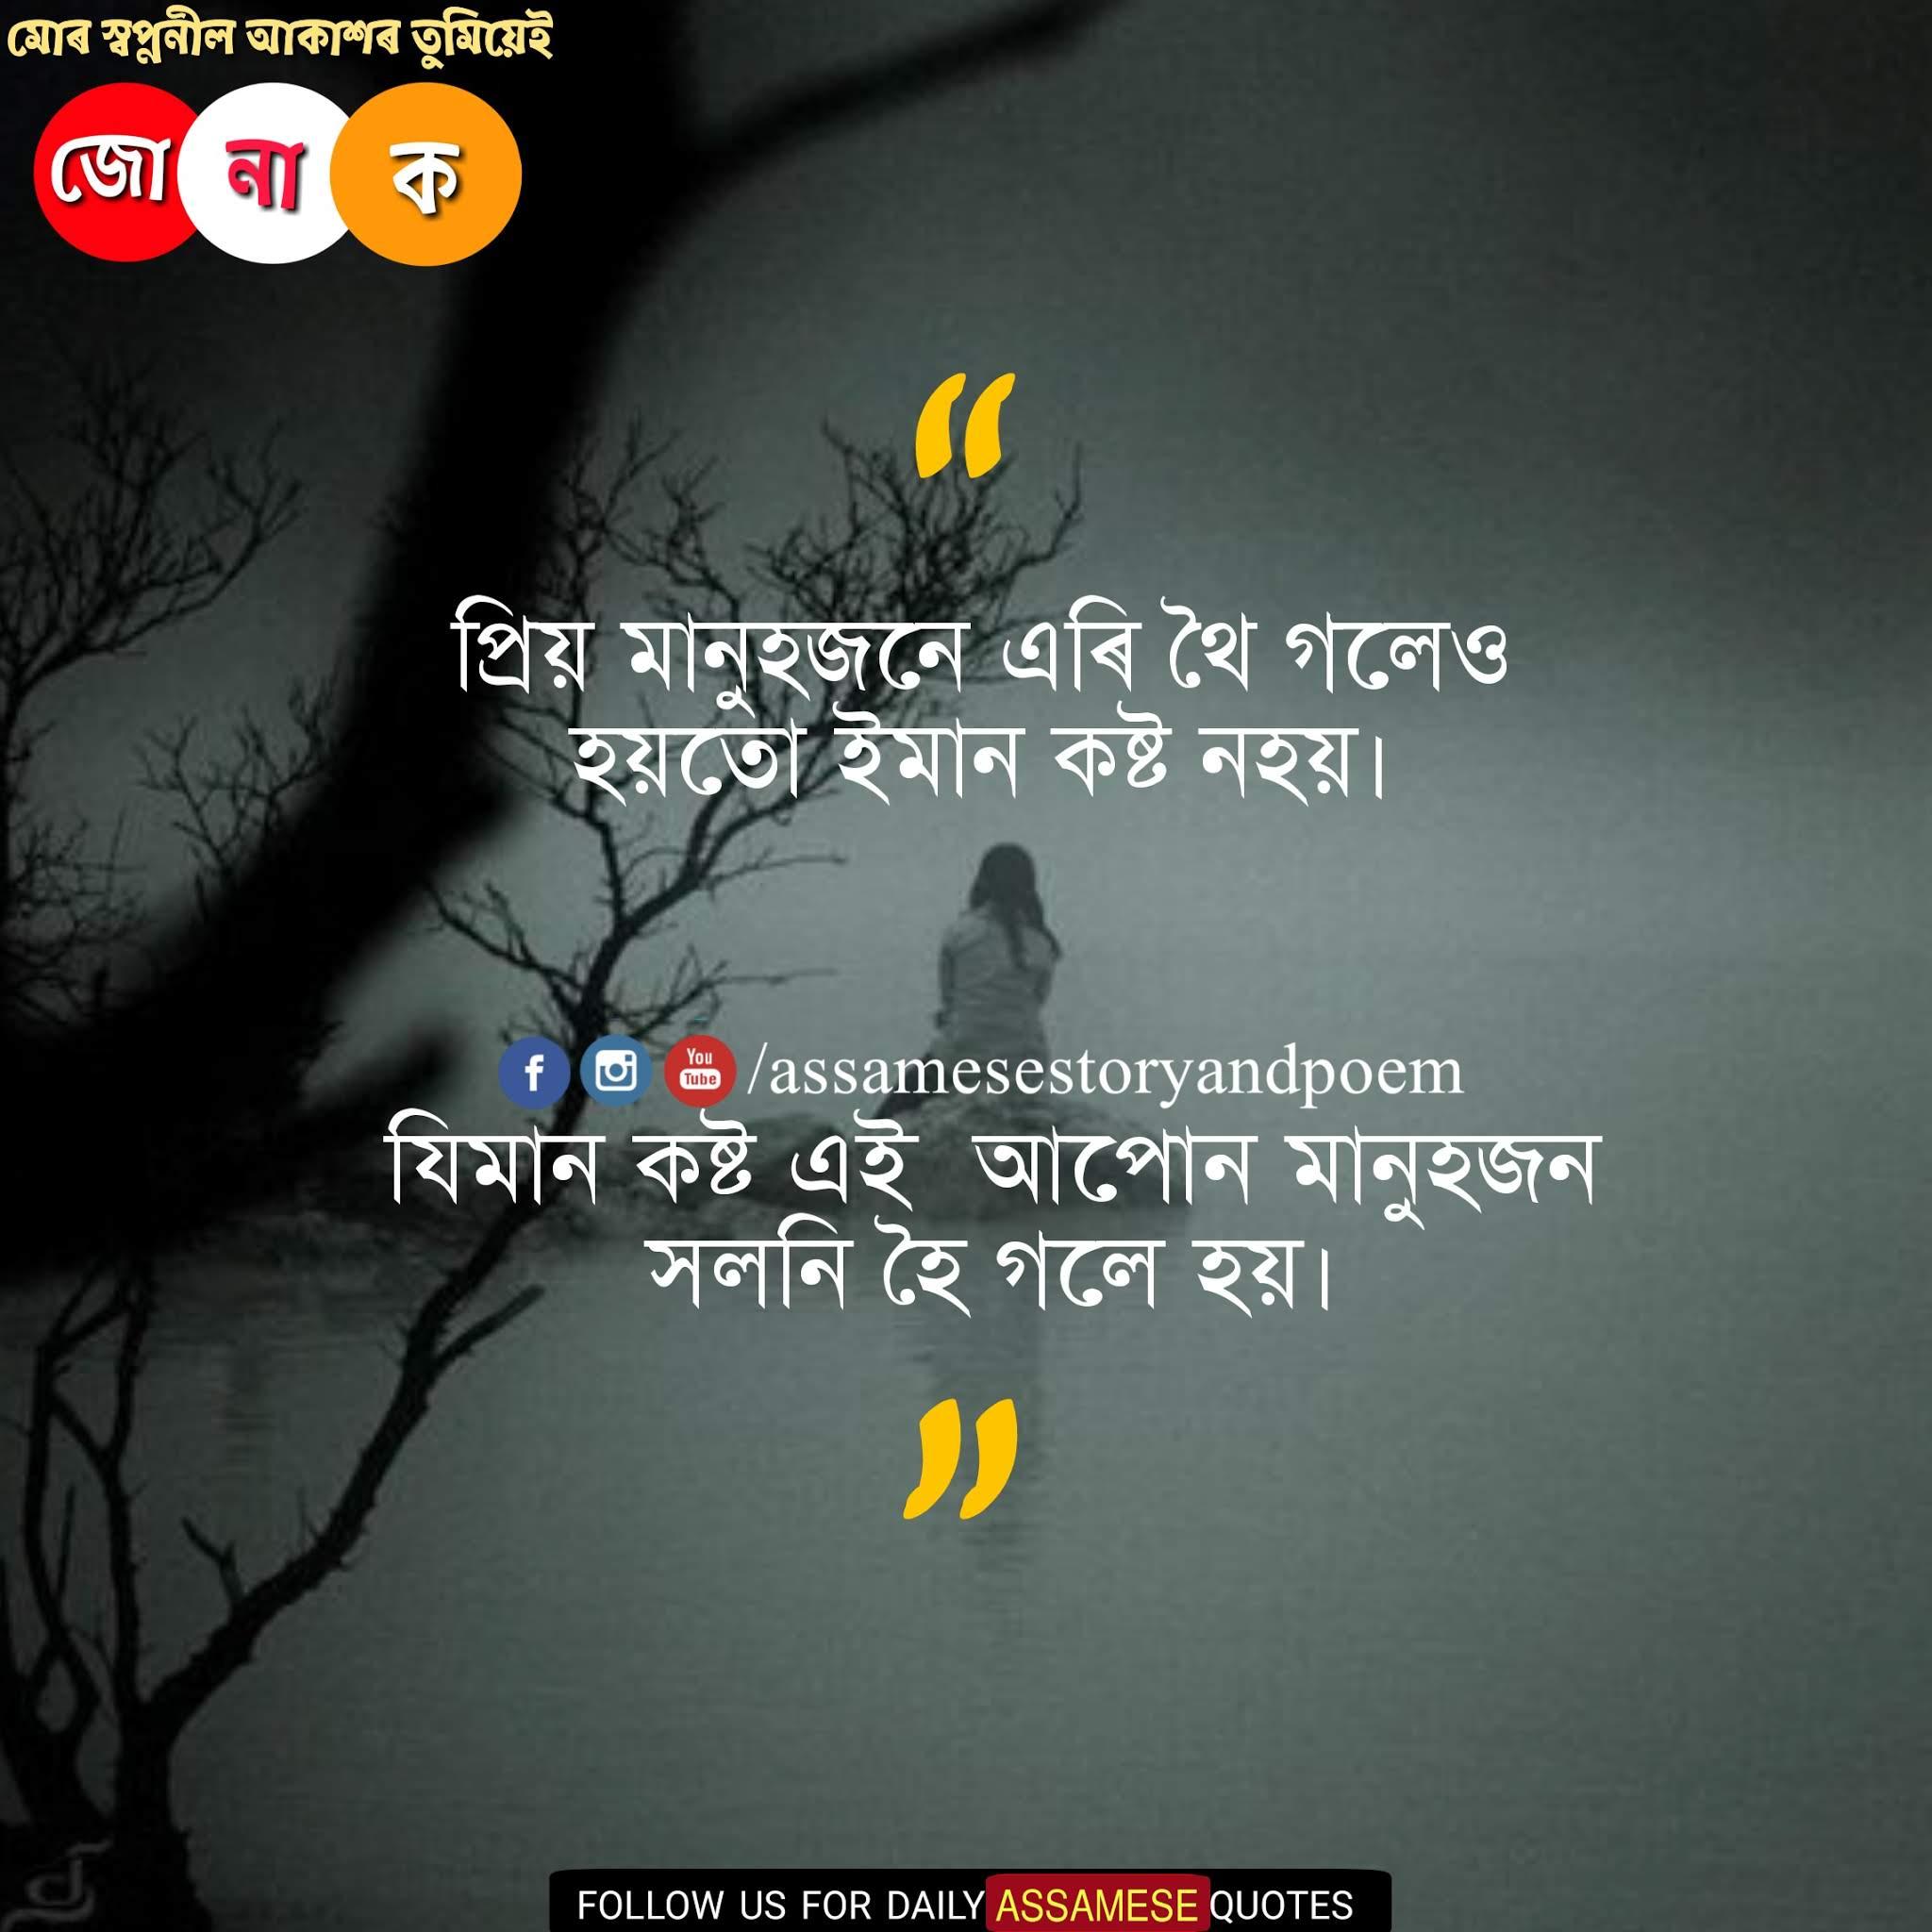 assamese sad status quotes | Status In Assamese Language